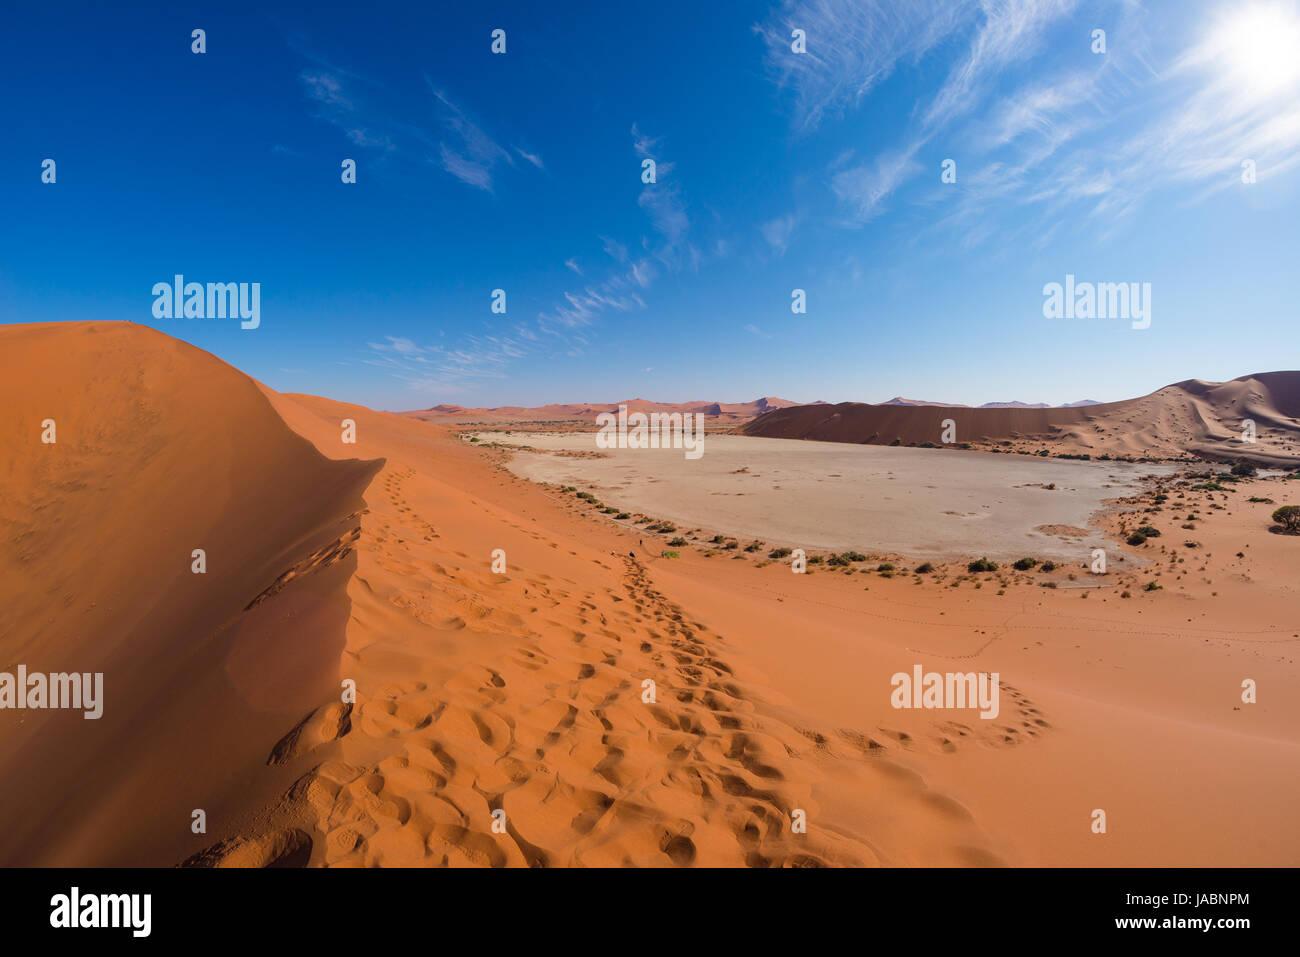 La ville pittoresque de Sossusvlei et Deadvlei, d'argile et de sel pan entouré de majestueux des dunes de sable. Le Parc National Namib Naukluft, destination de voyage en Namibie. Banque D'Images